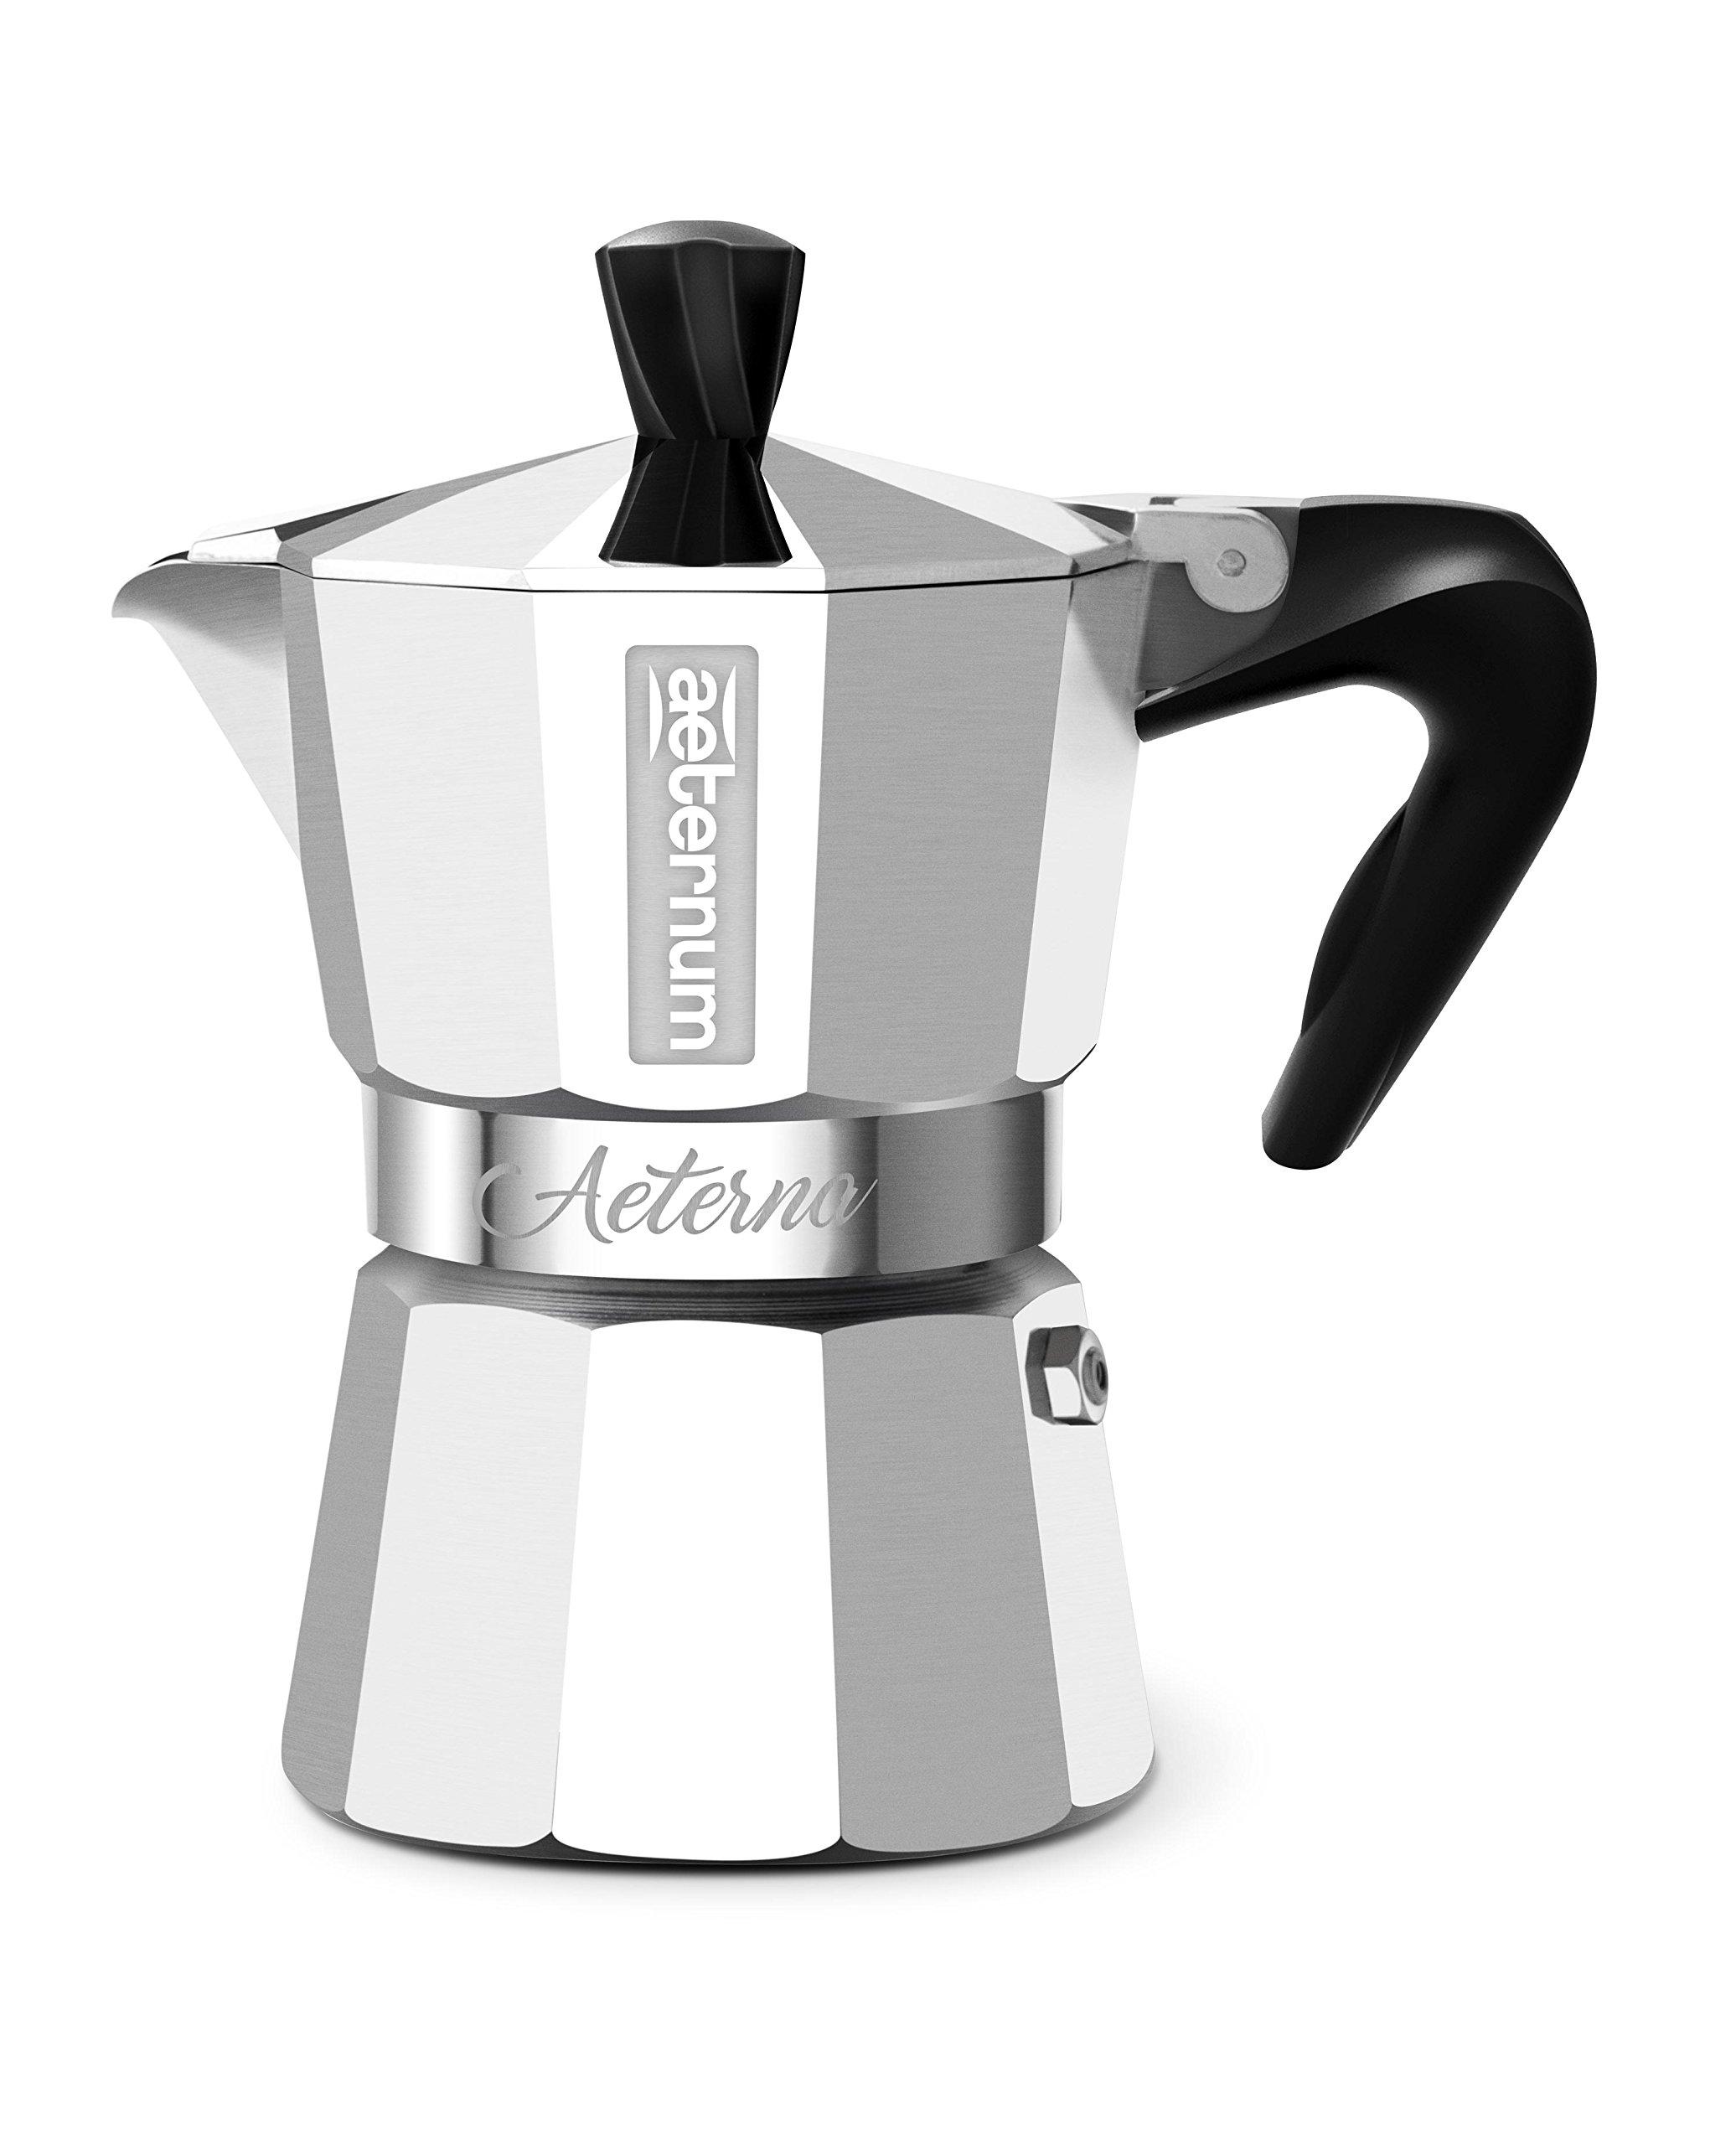 Bialetti 0005091 Espressokocher Aeterna für 1 Tasse, Aluminium, Silber, 30 x 20 x 15 cm